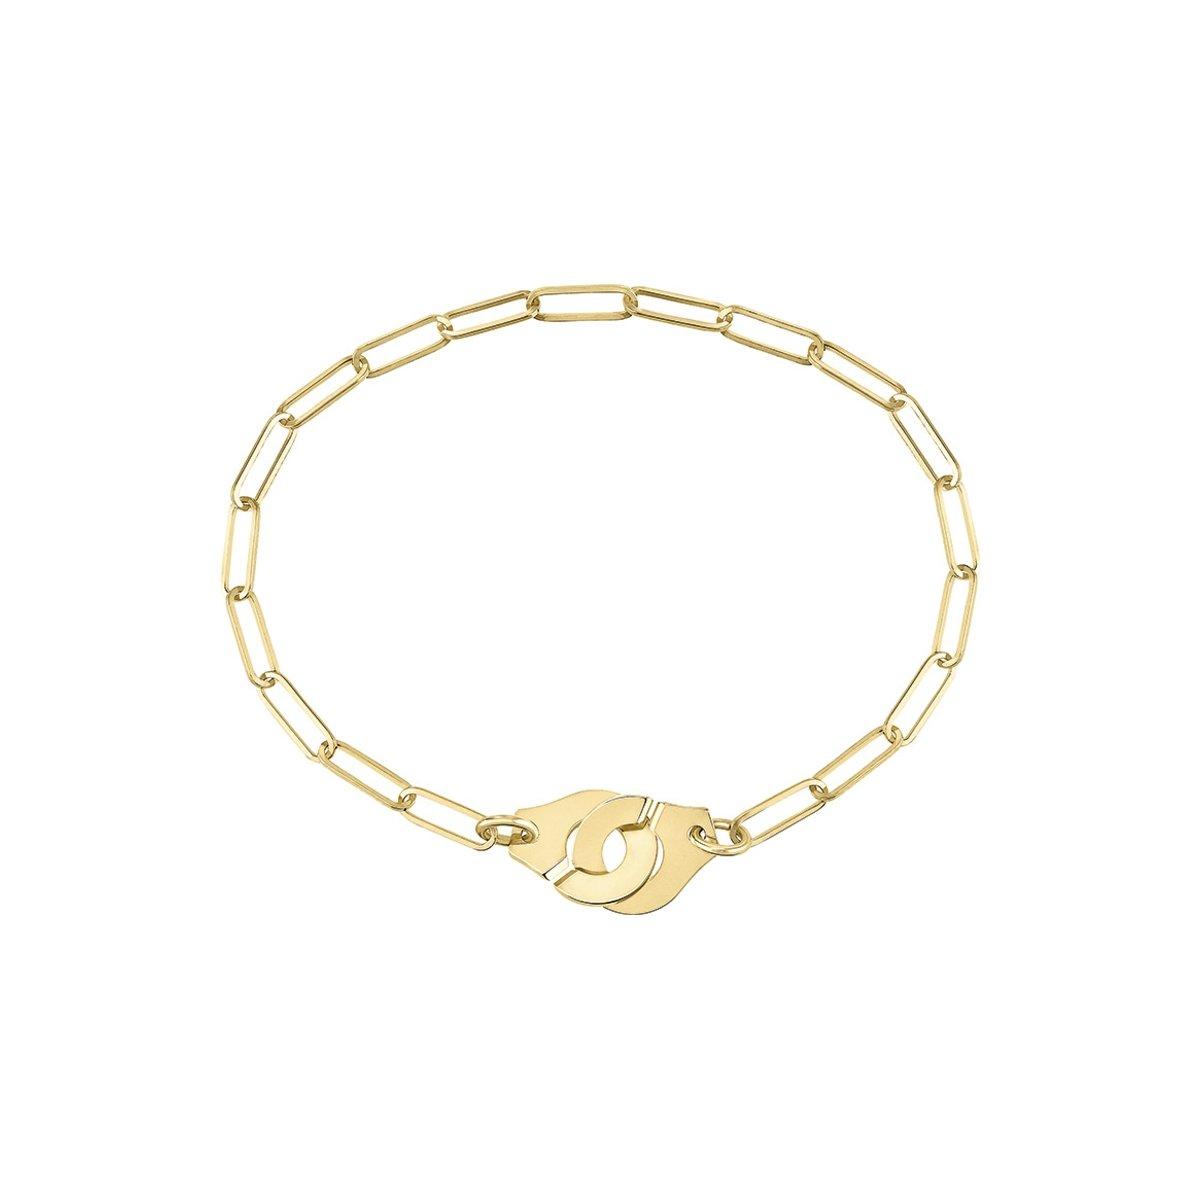 c452541a0c8 Achat Bracelet dinh van Menottes dinh van R10 en or jaune